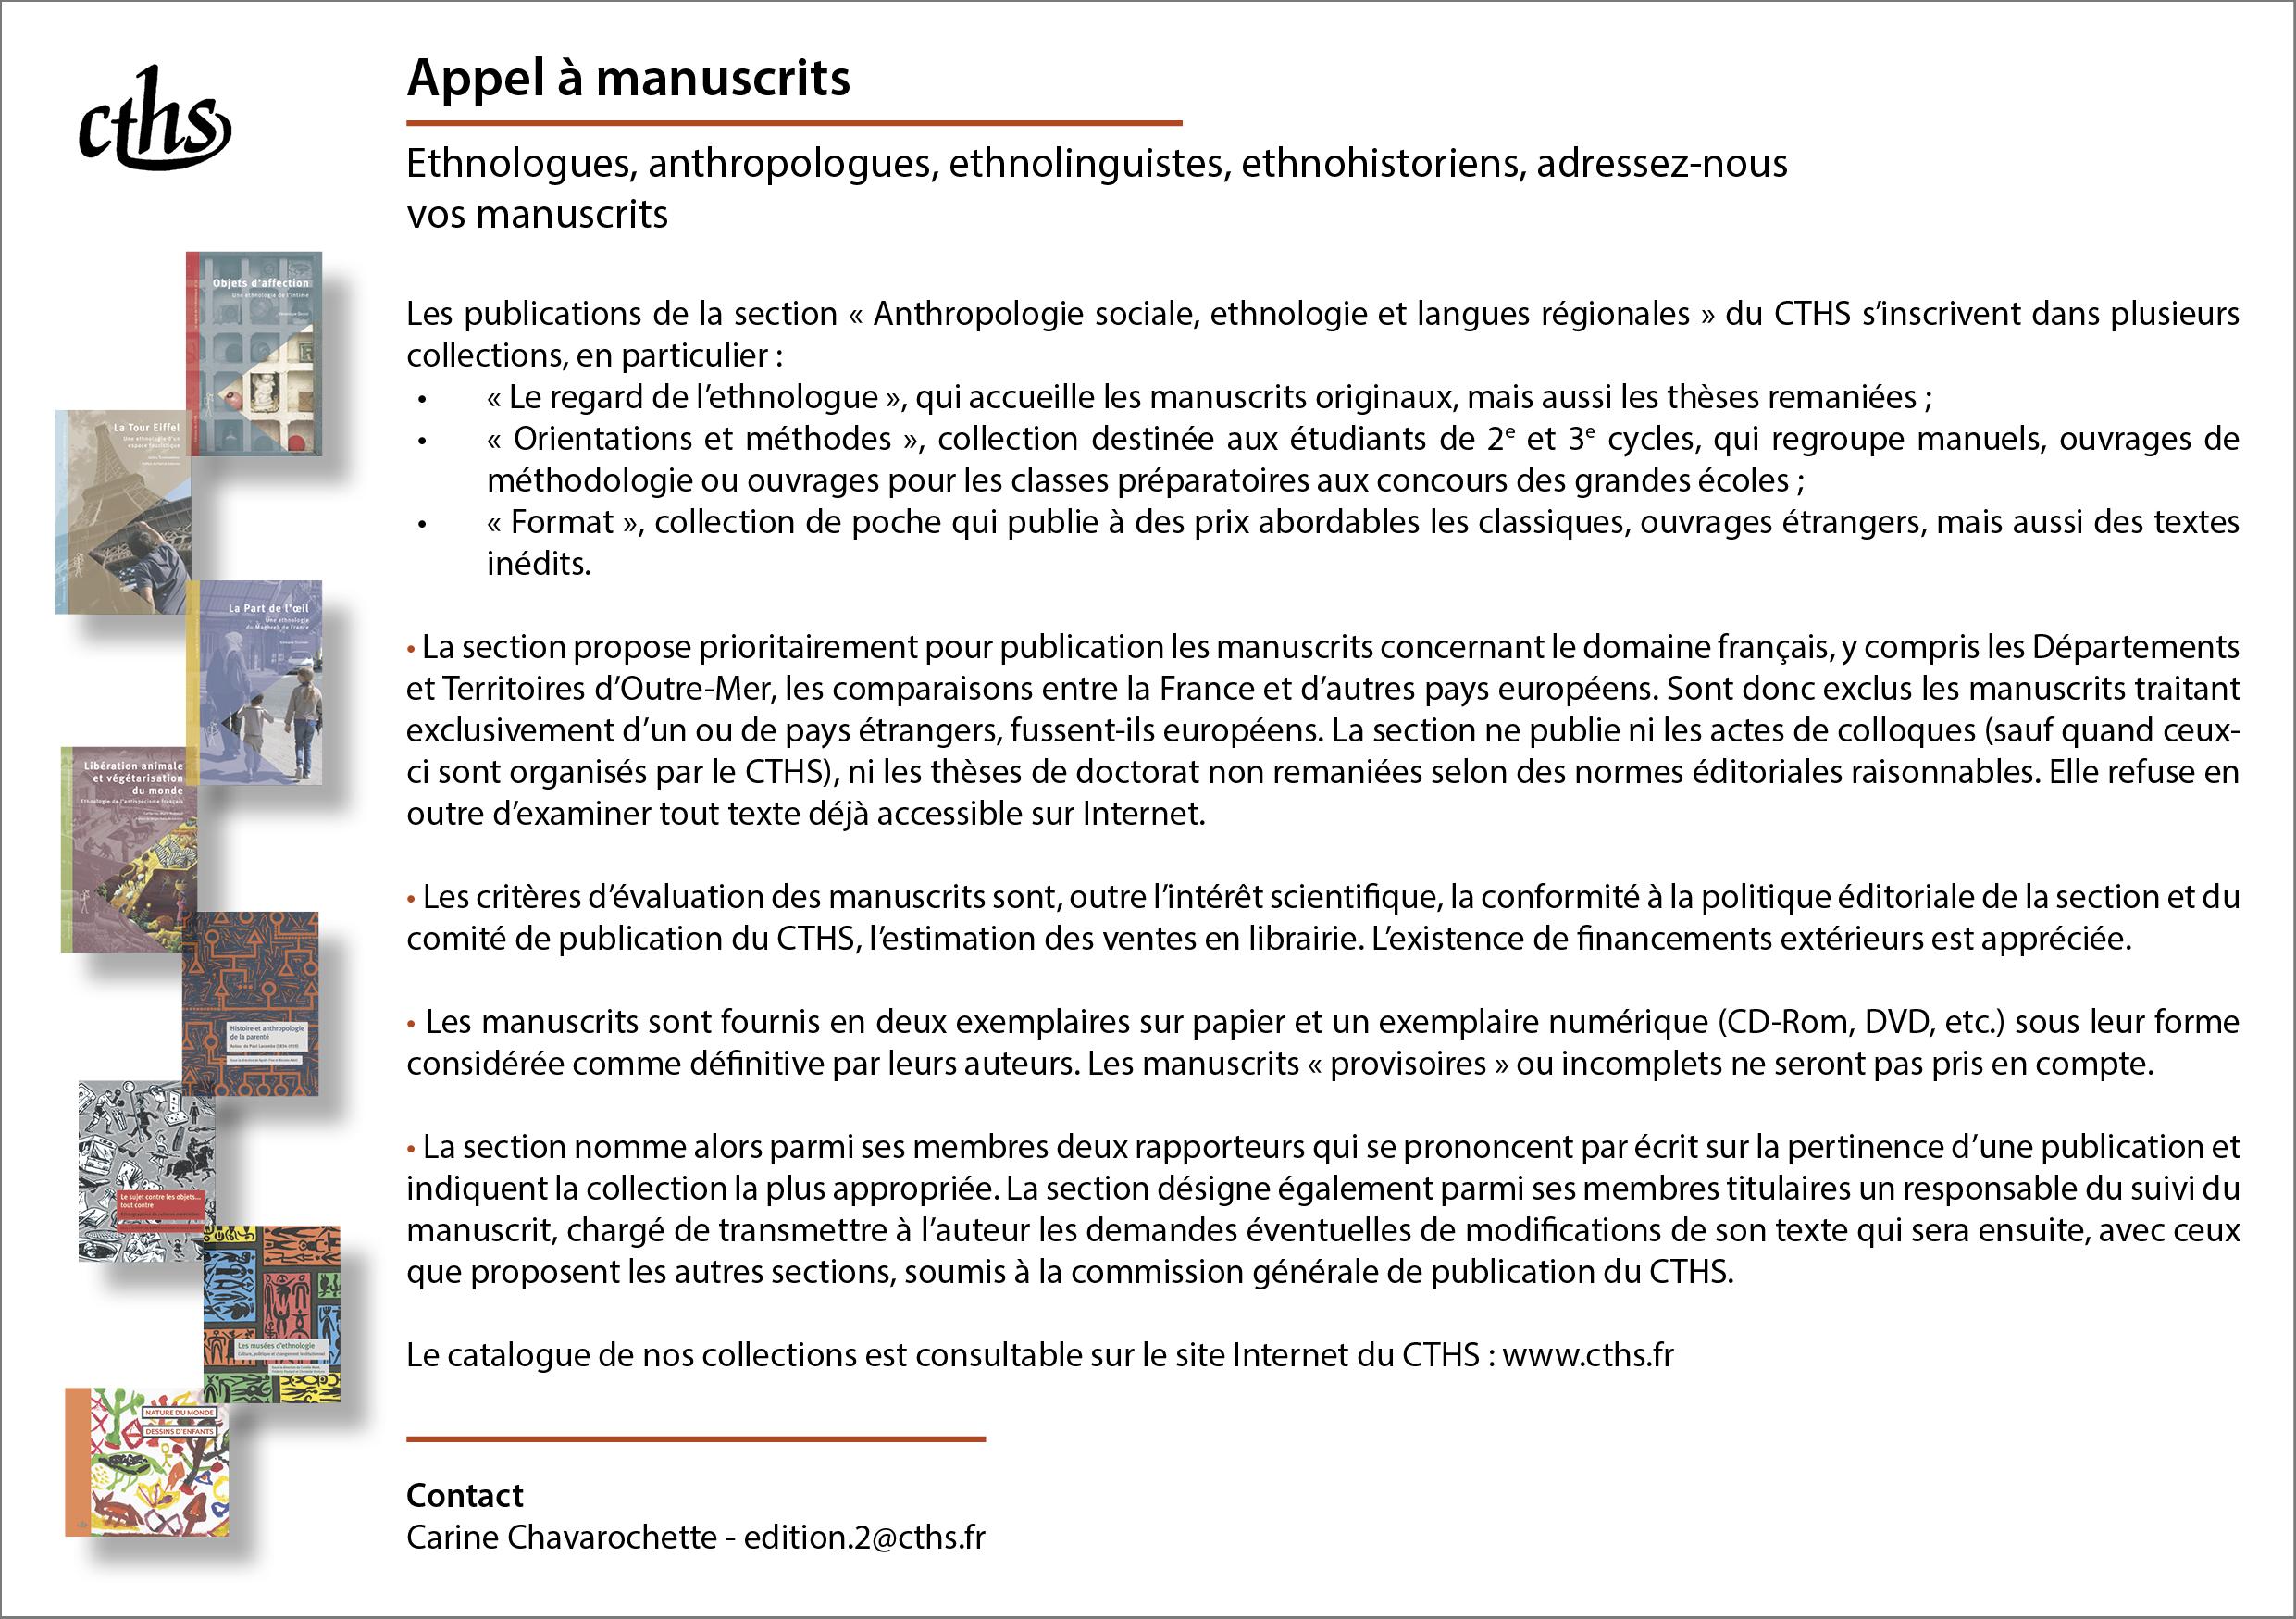 Appel à manuscrits CTHS png